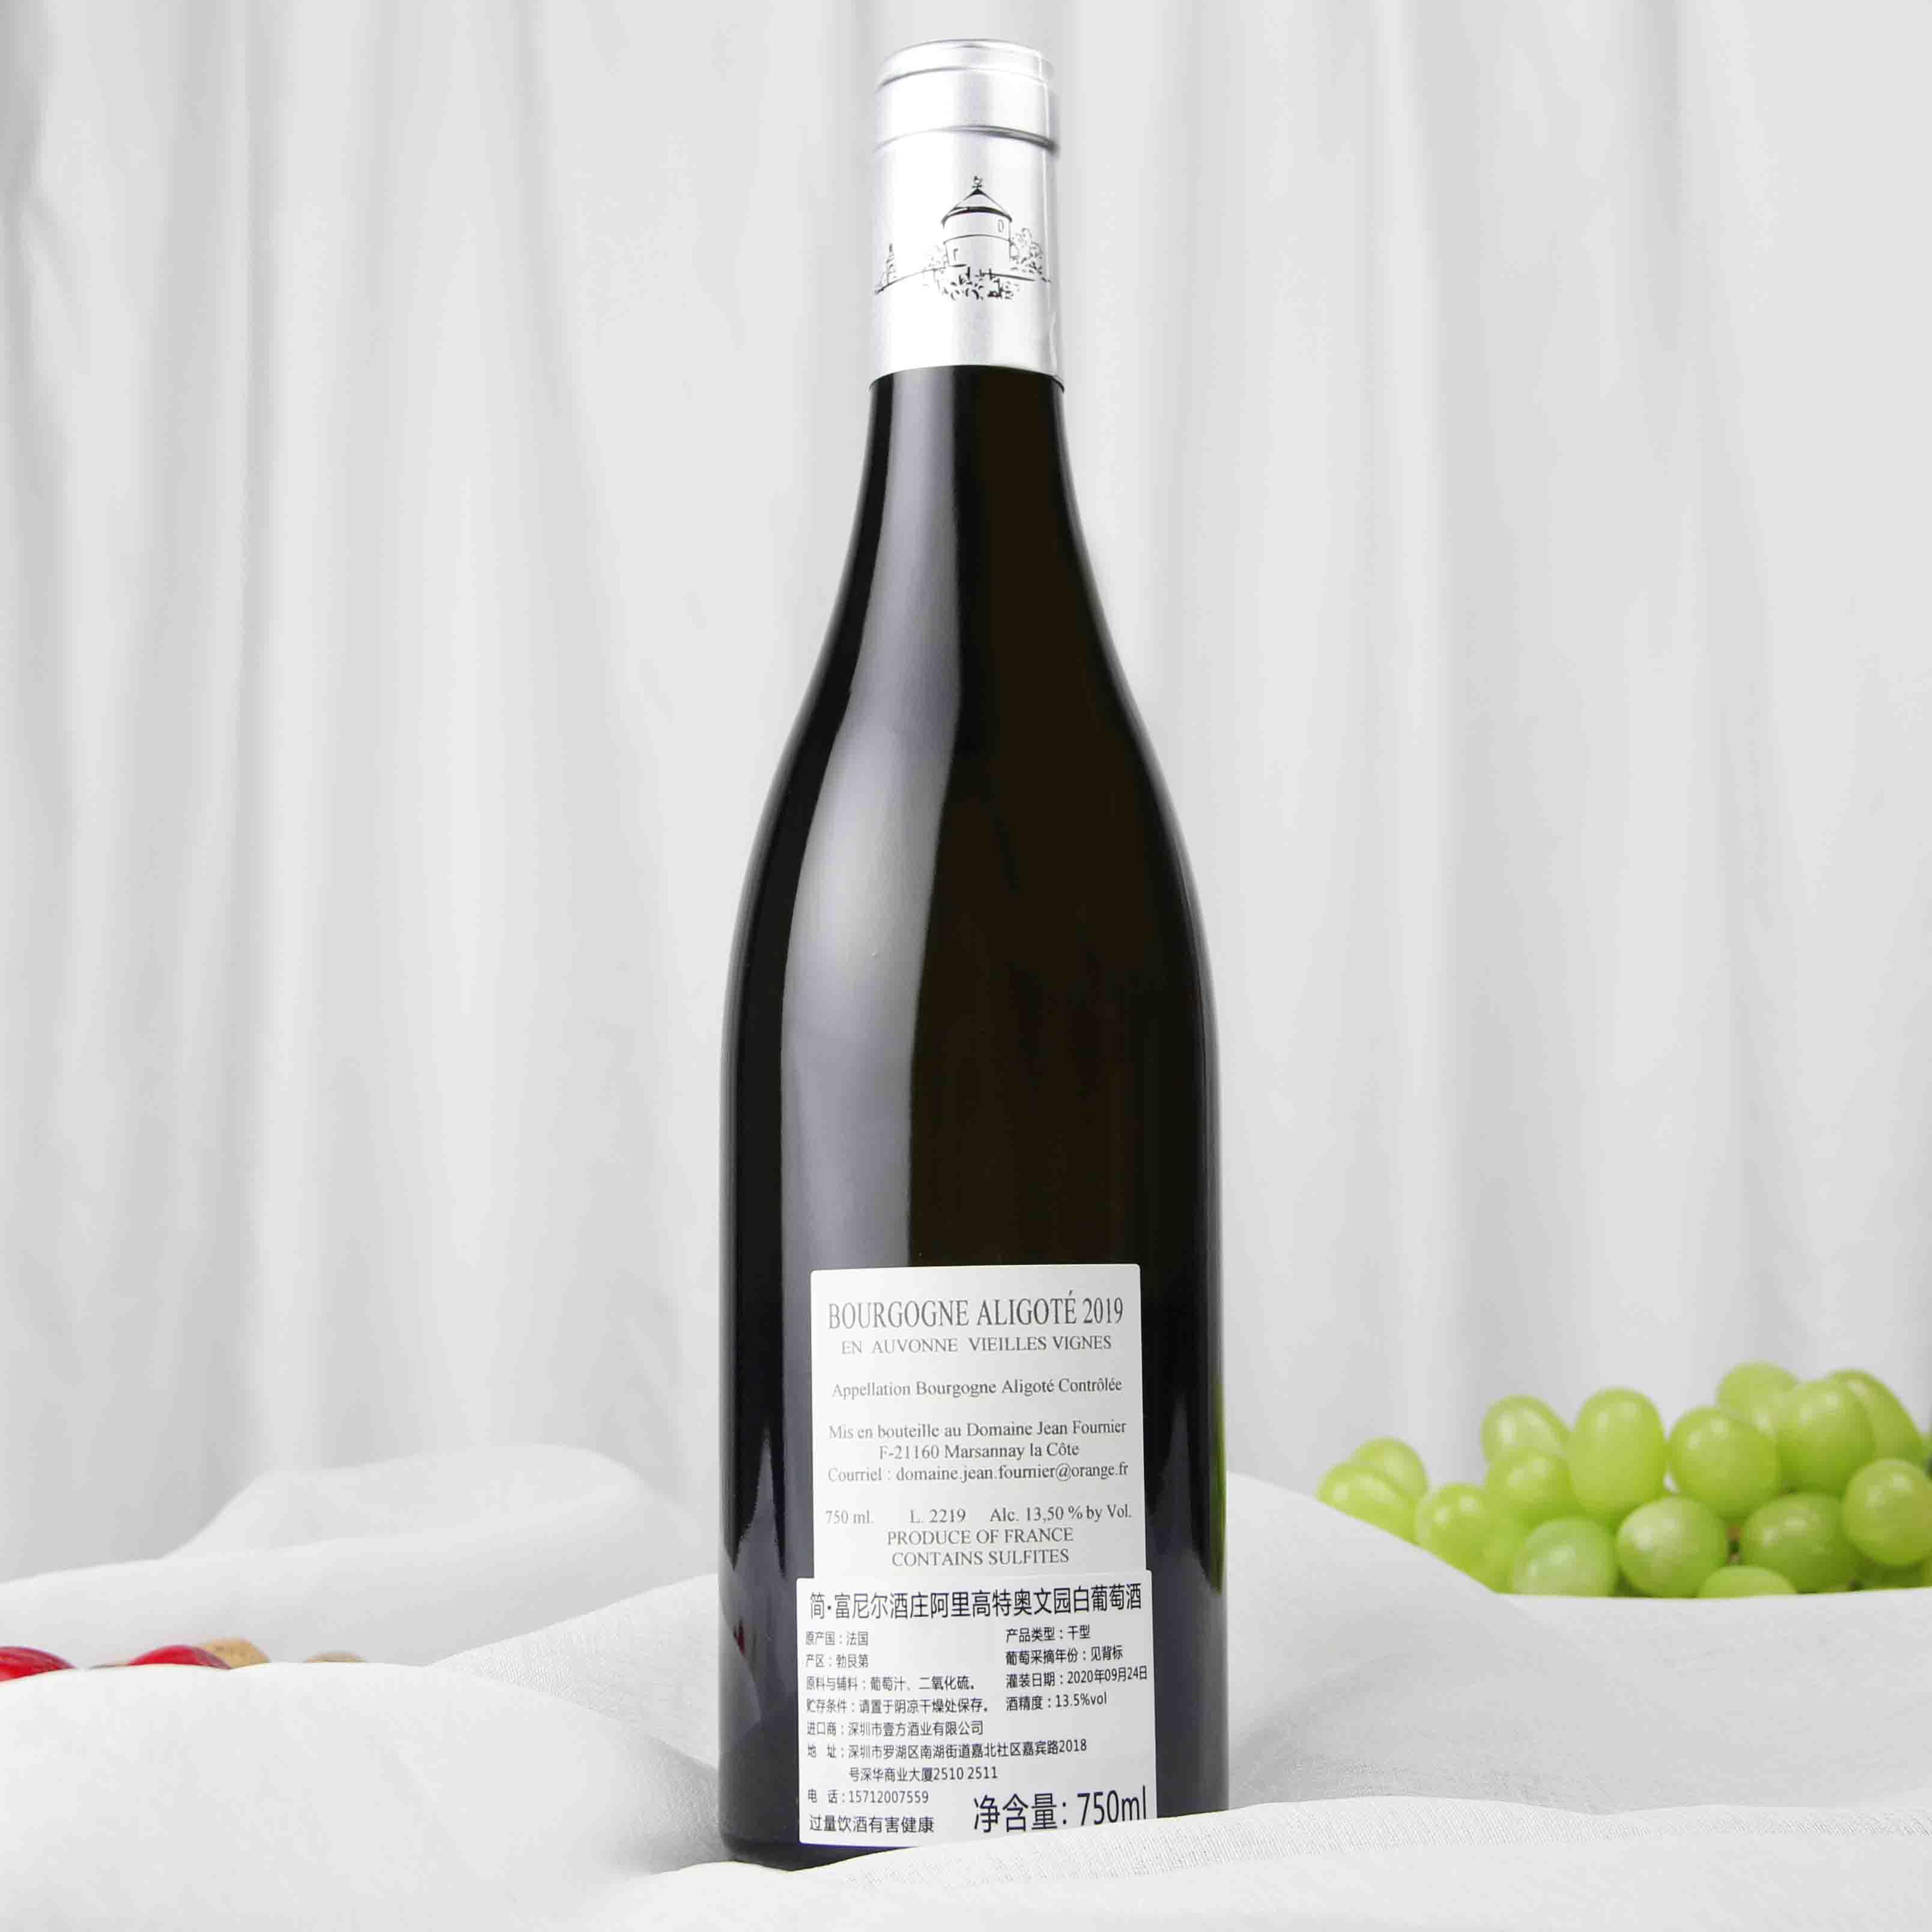 法国勃艮第简.富尼尔酒庄 阿里高特奥文园 老藤白葡萄酒